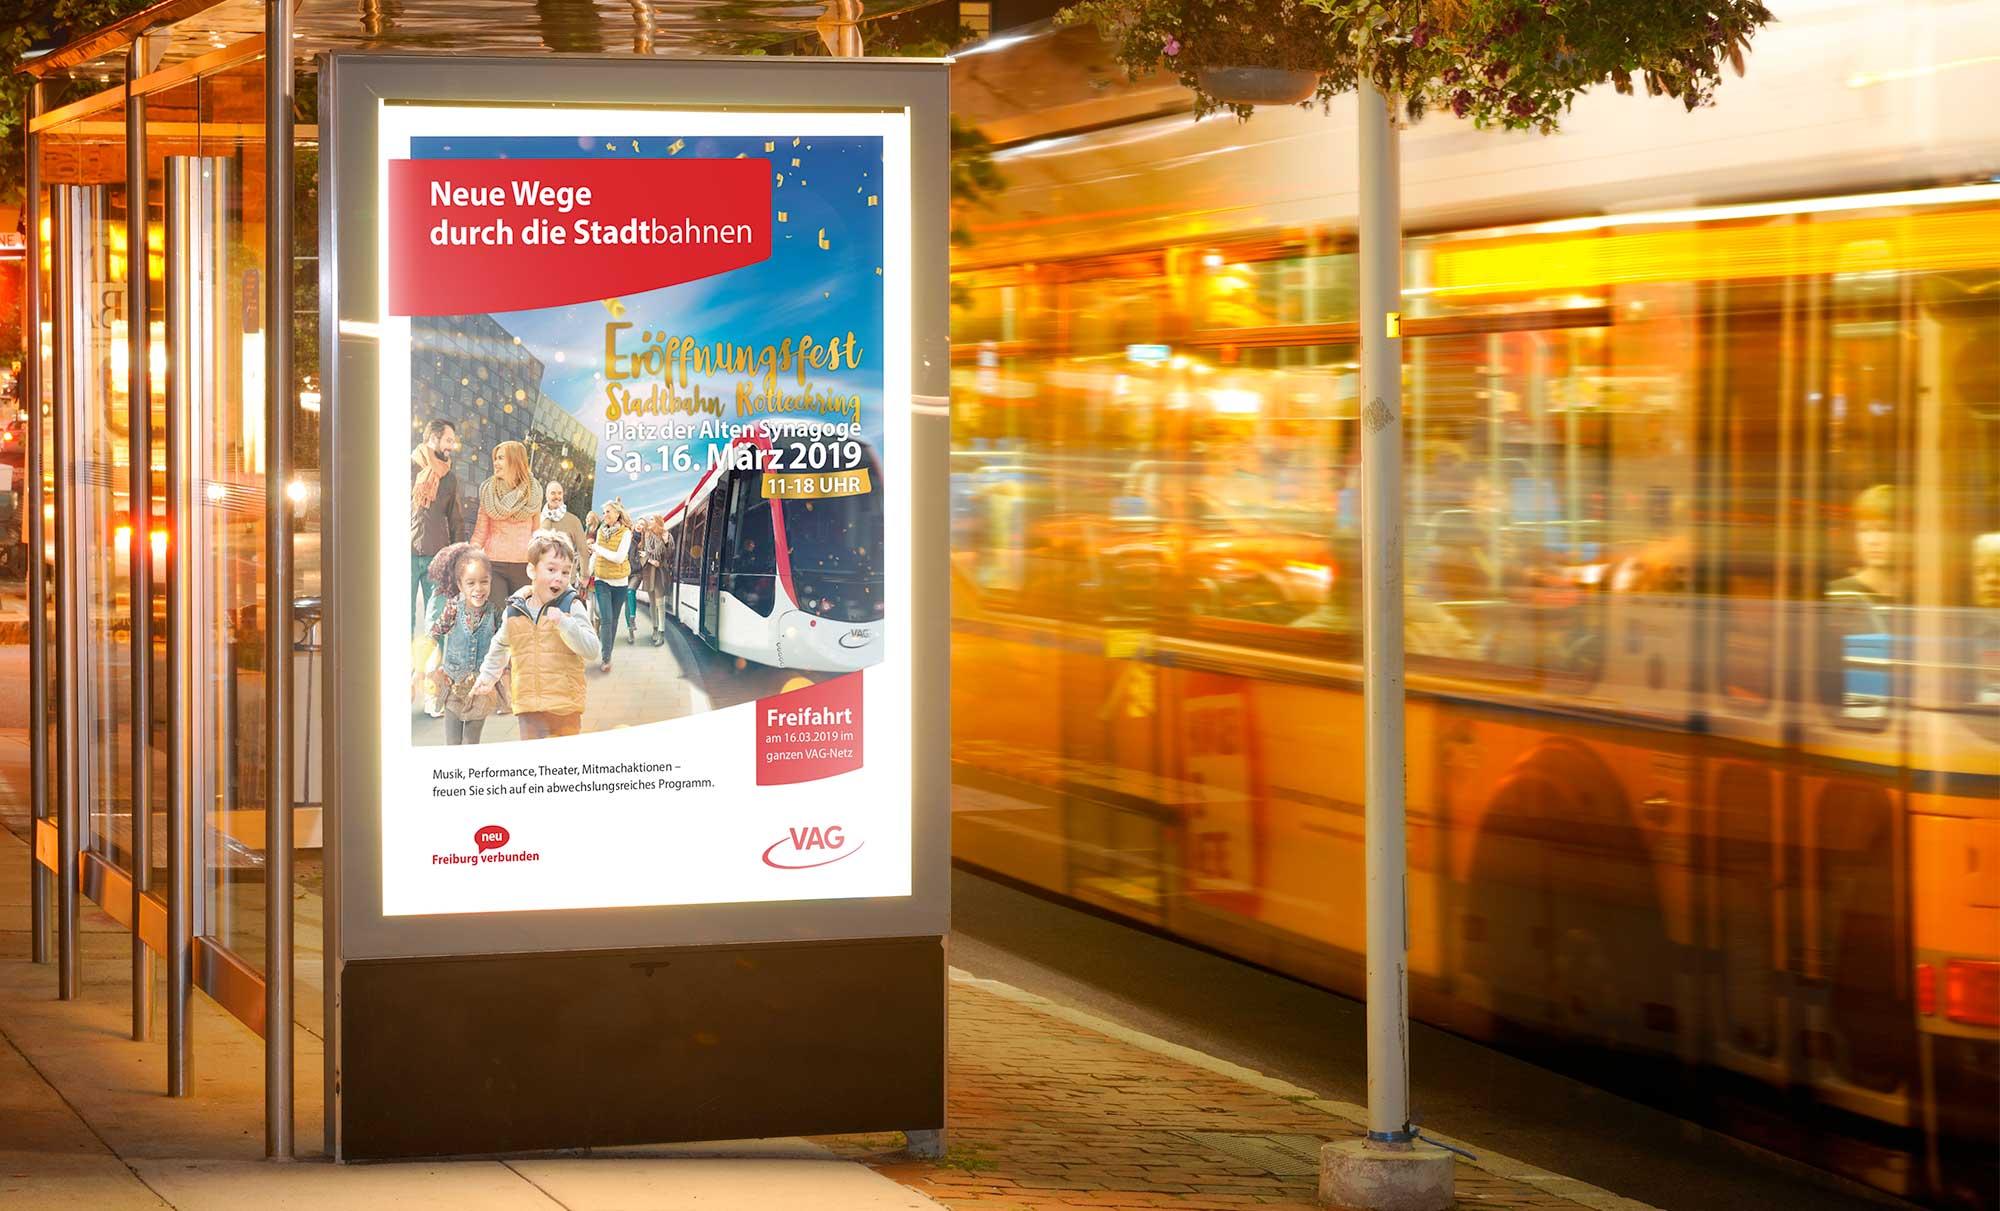 Werbung auf einem Plakat zur Eröffnung der neuen Stadtbahn am Rotteckring in Freiburg. Text: